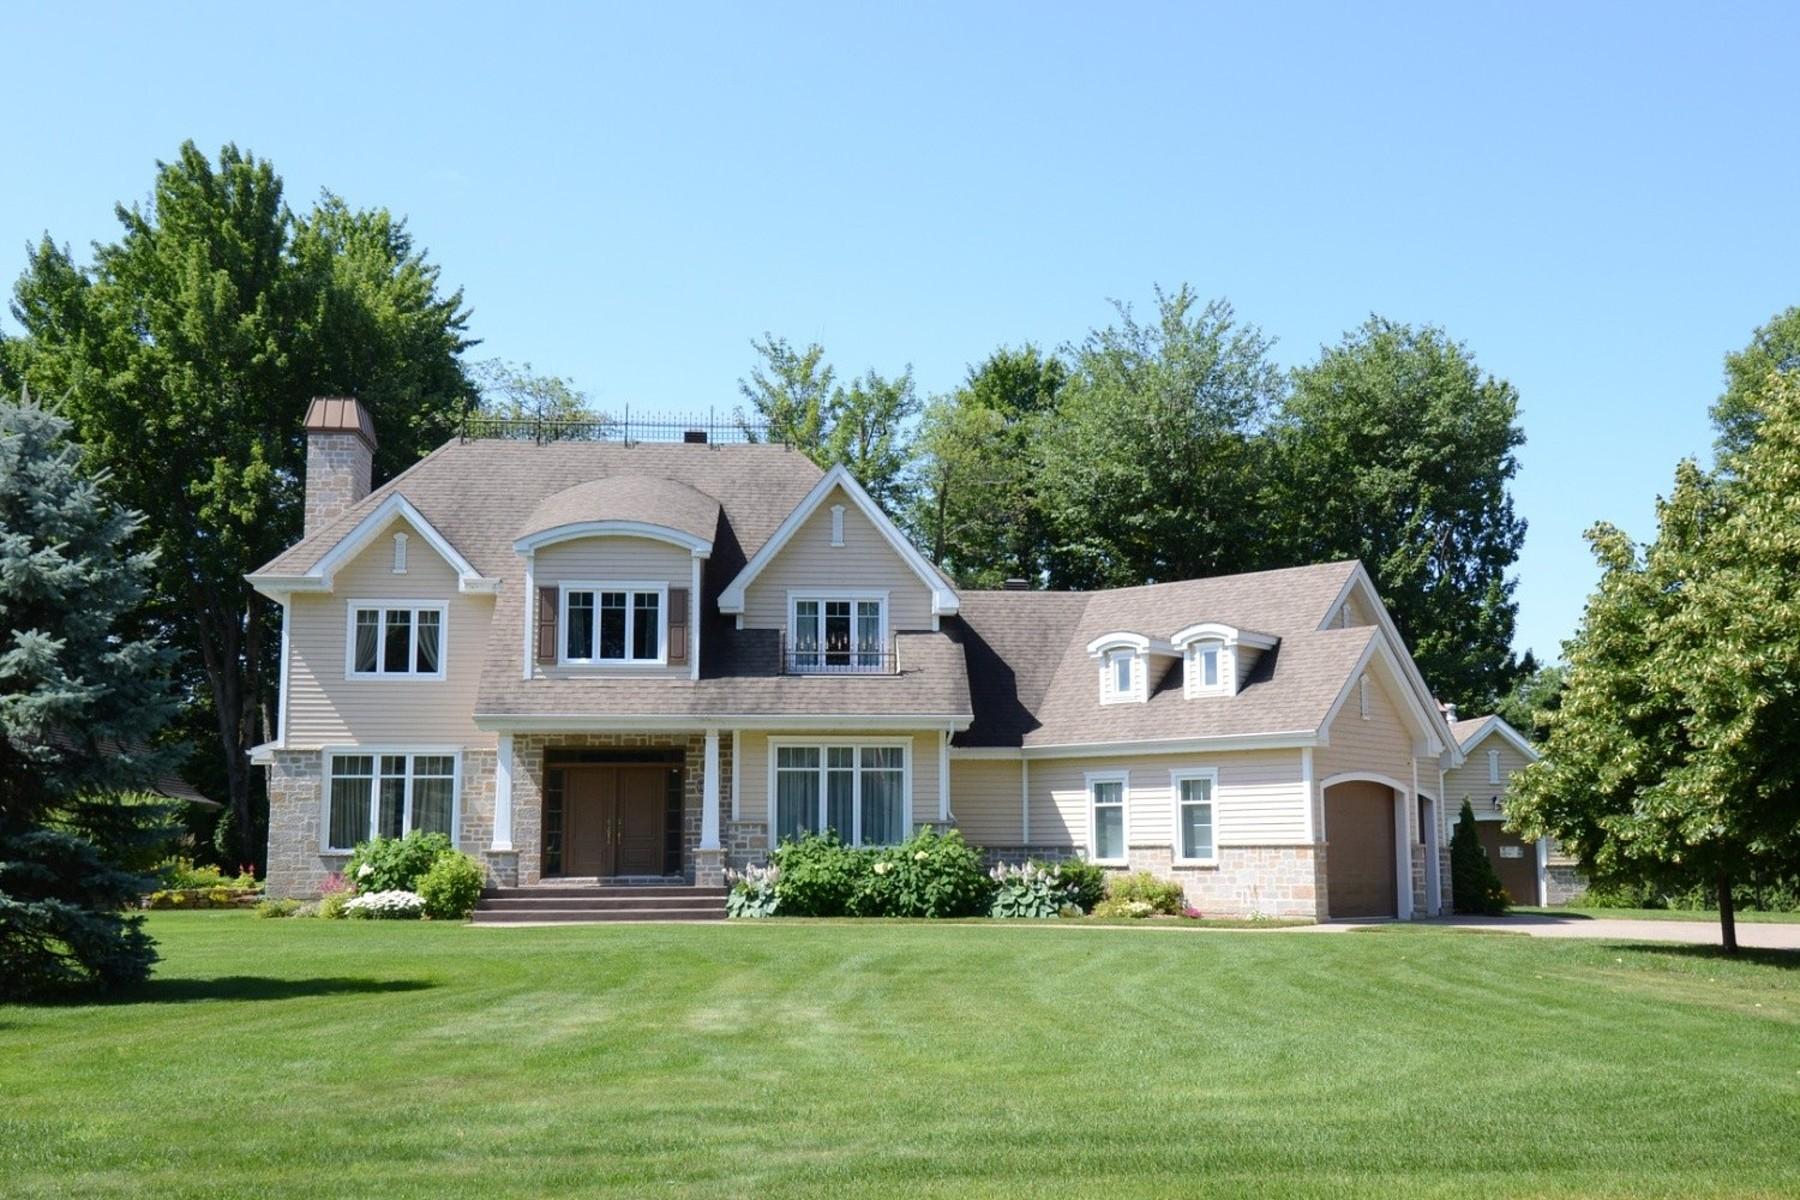 Single Family Home for Sale at Notre-Dame-des-Prairies, Lanaudière 10 Av. des Iris Notre-Dame-Des-Prairies, Quebec J6E9J5 Canada